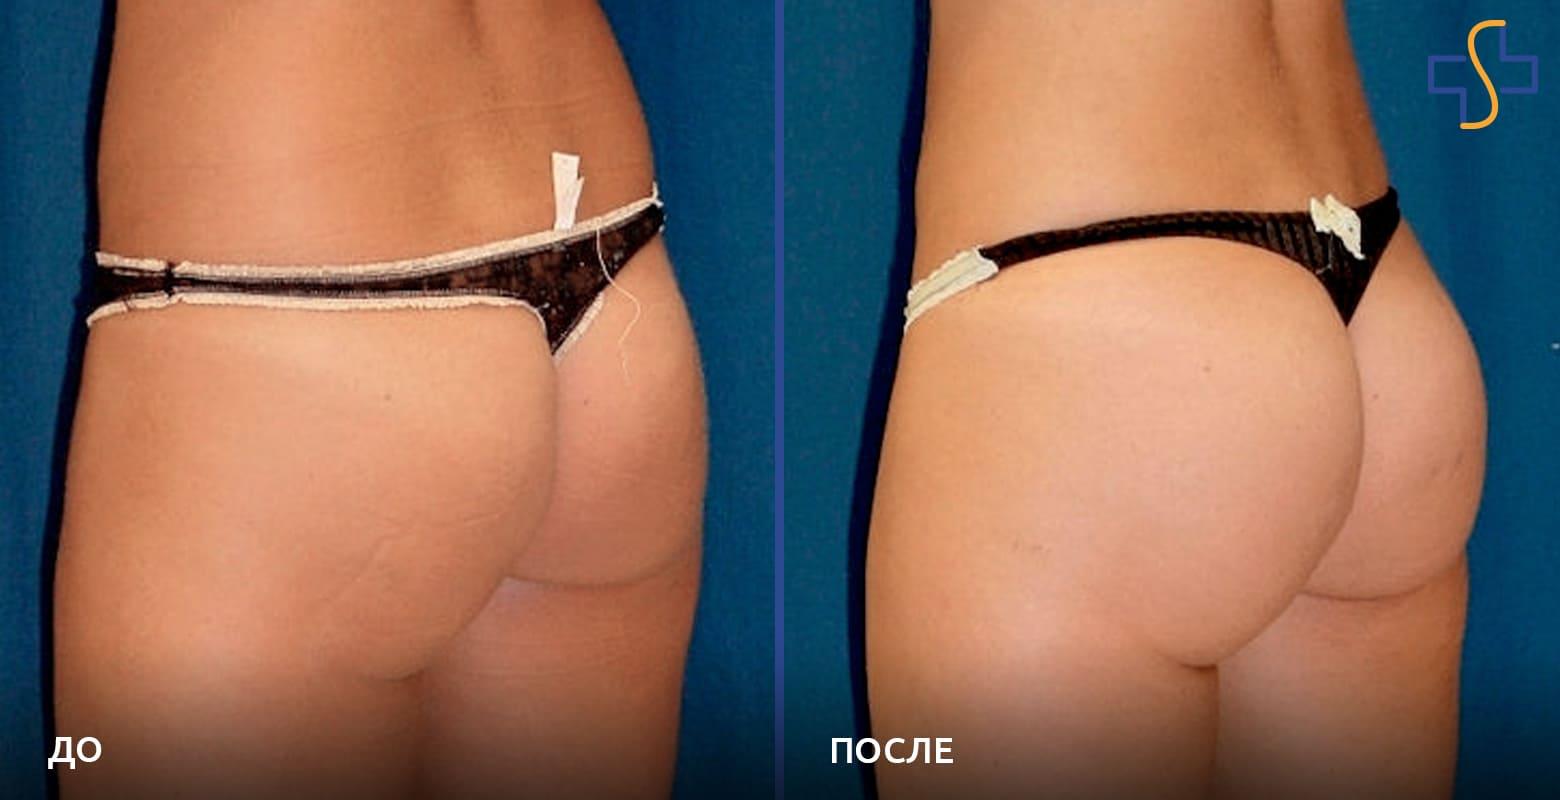 фото до/после проведенной глютеопластики